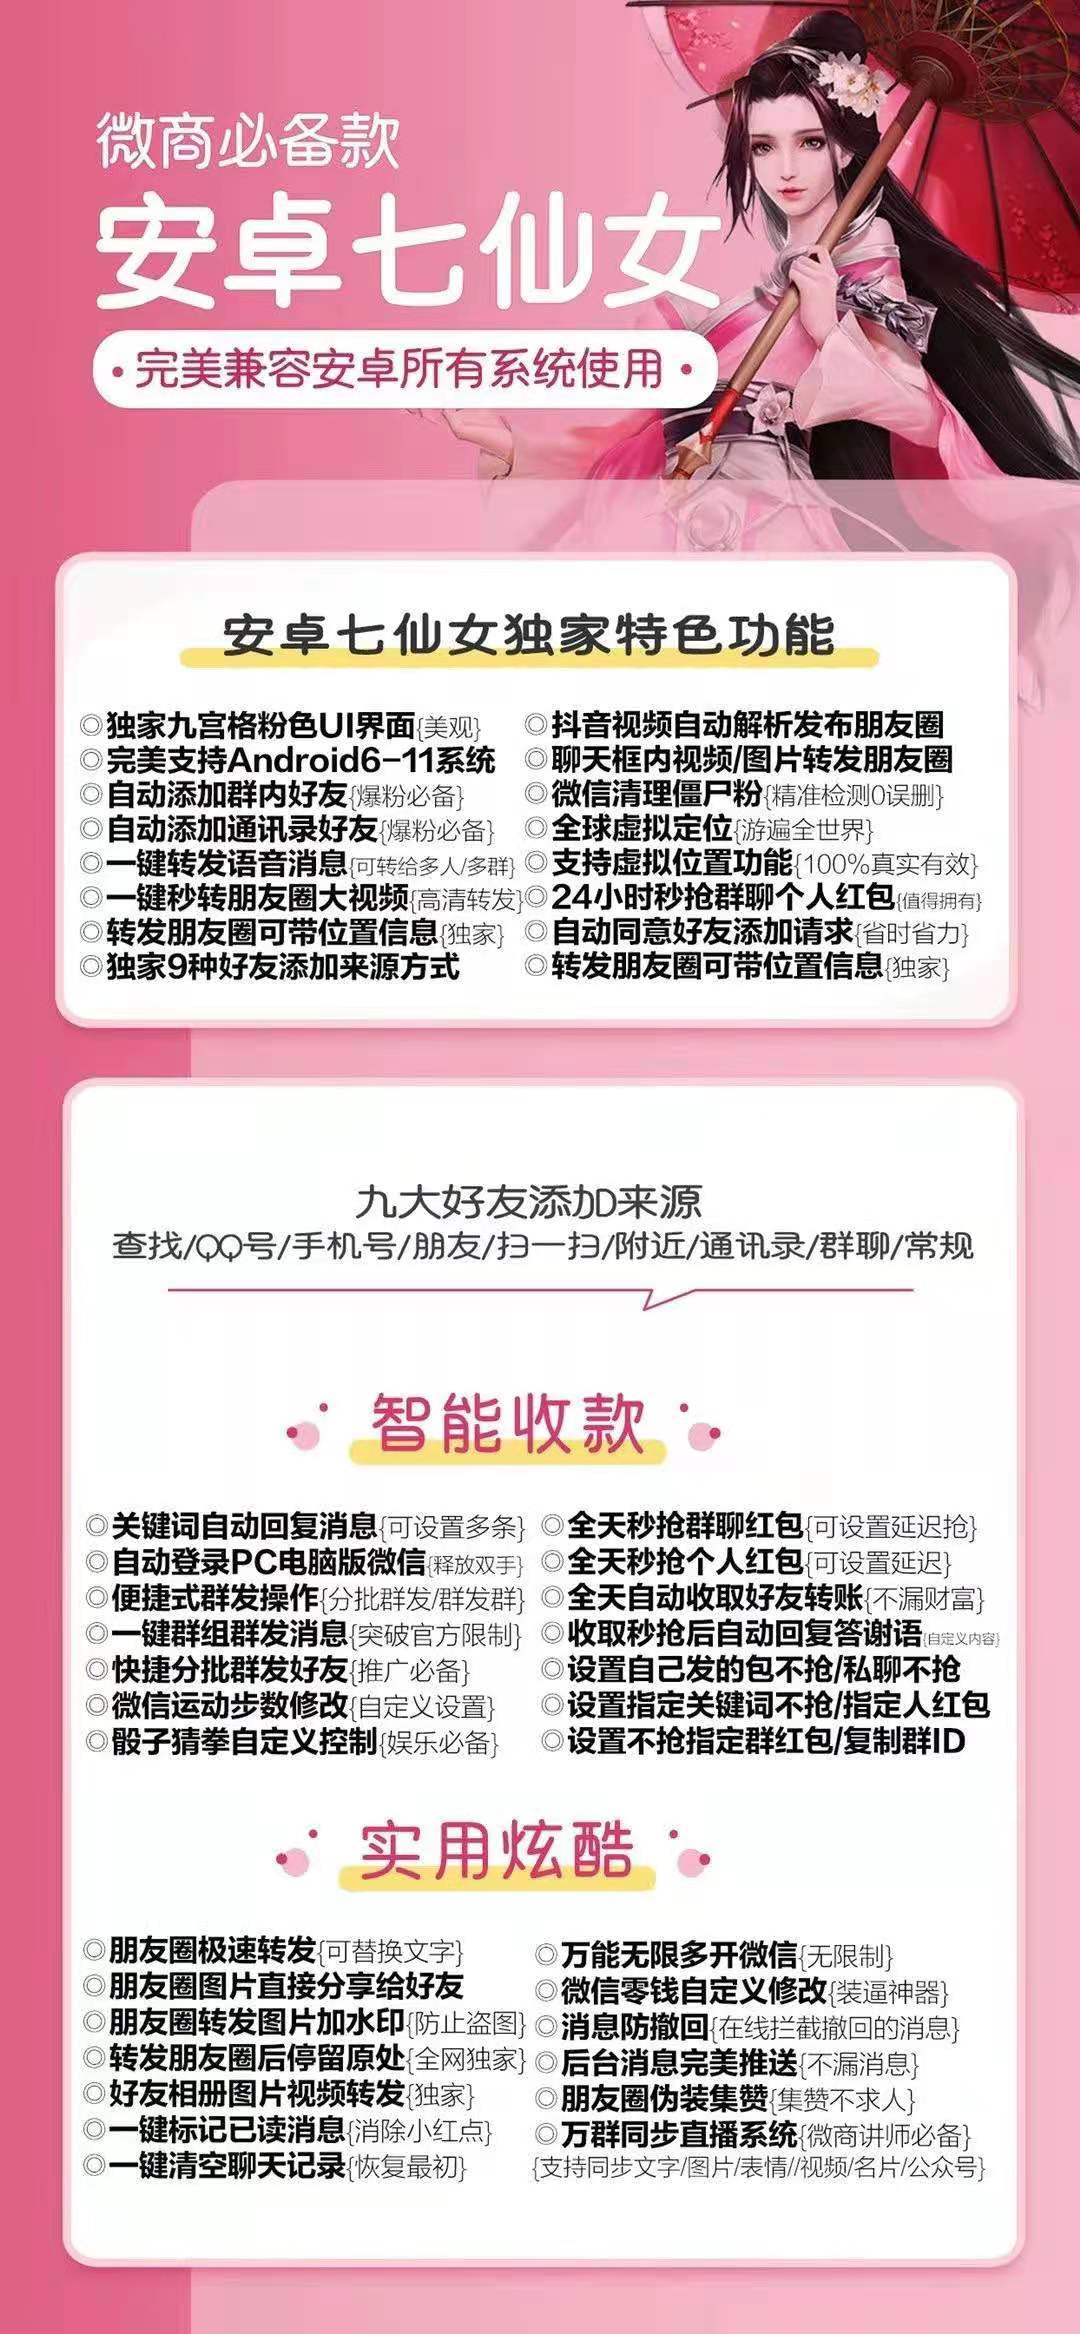 安卓七仙女【转发朋友圈虚拟定位万群同步】